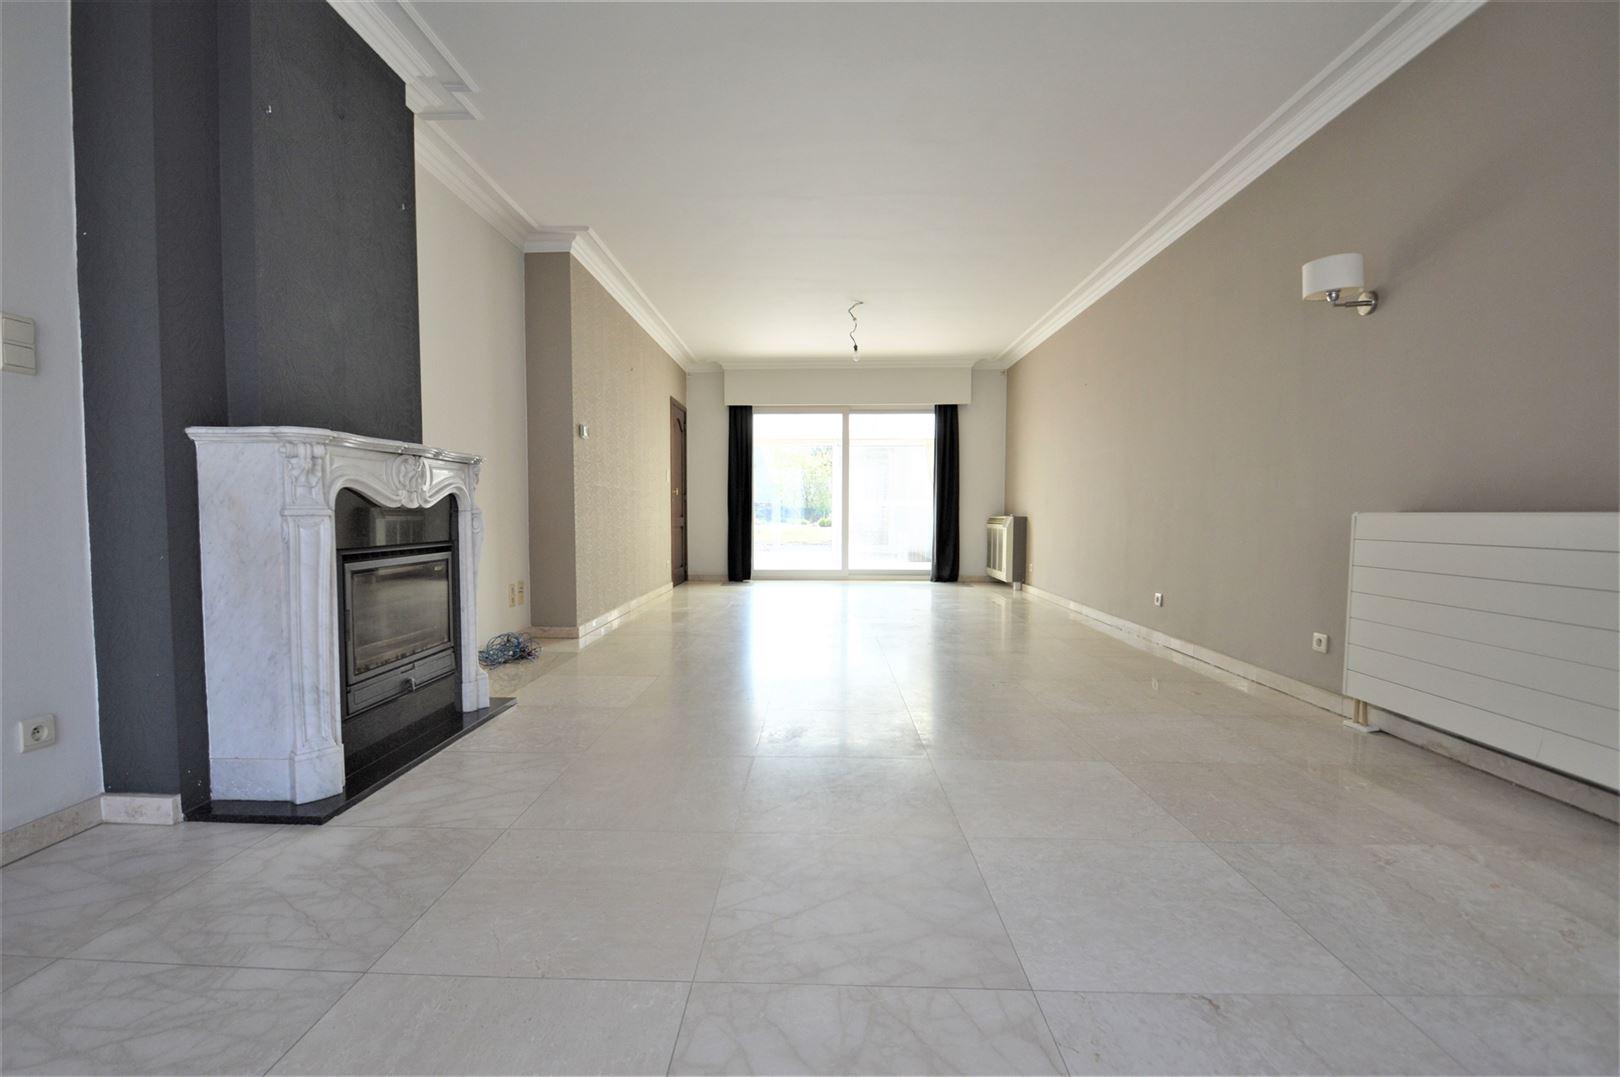 Foto 4 : Huis te 9200 SINT-GILLIS-BIJ-DENDERMONDE (België) - Prijs € 995